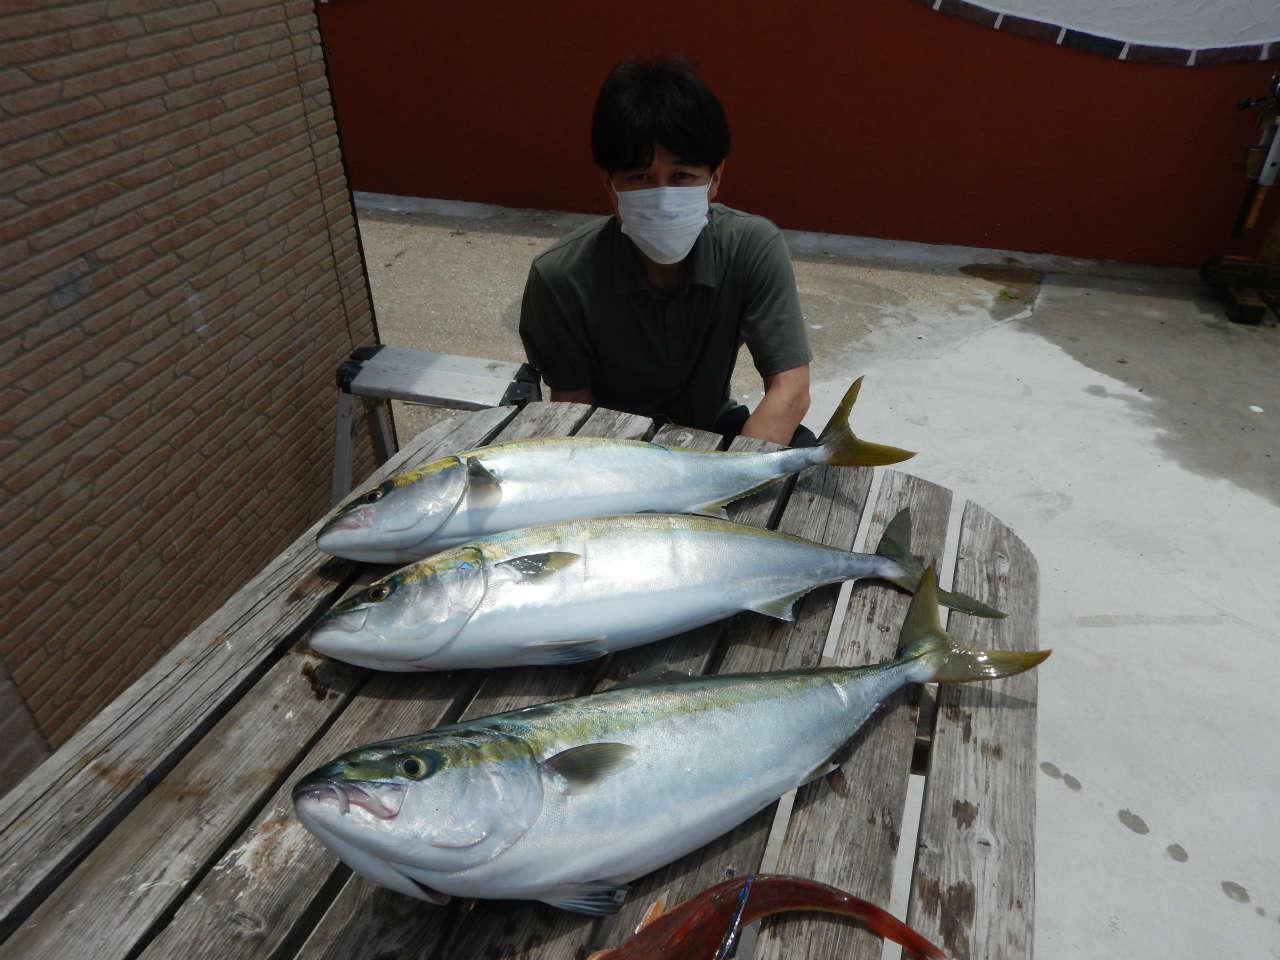 20210625 水面はシラスナブラでバクバク状態 ルアー・ジギング船魚拓号